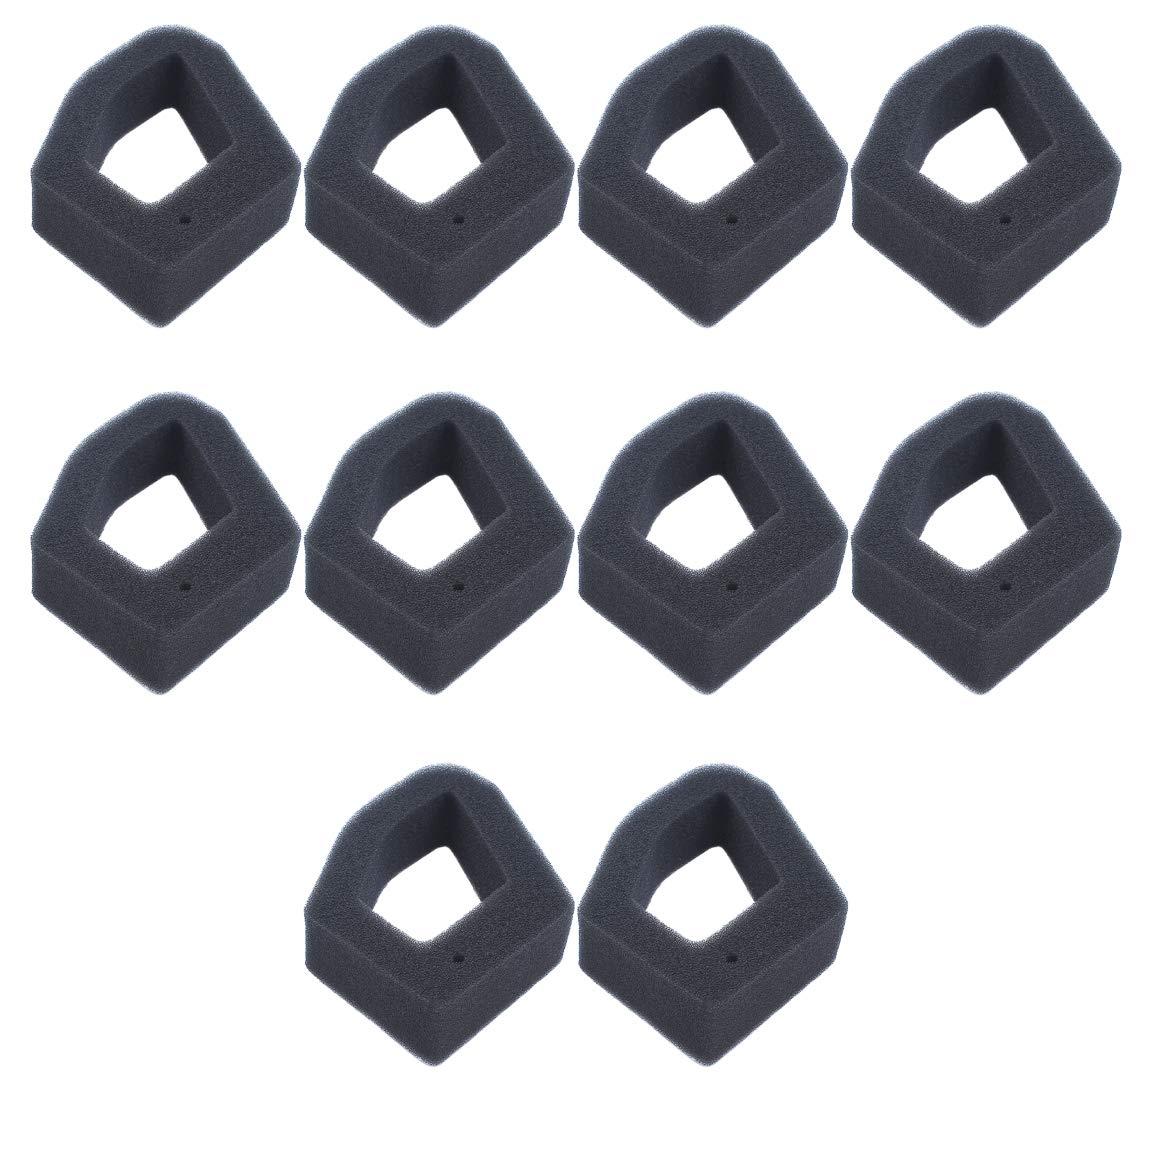 10 Unids/Lote 17211-Z0Z-000 Elemento de Filtro de Aire apropiado ...